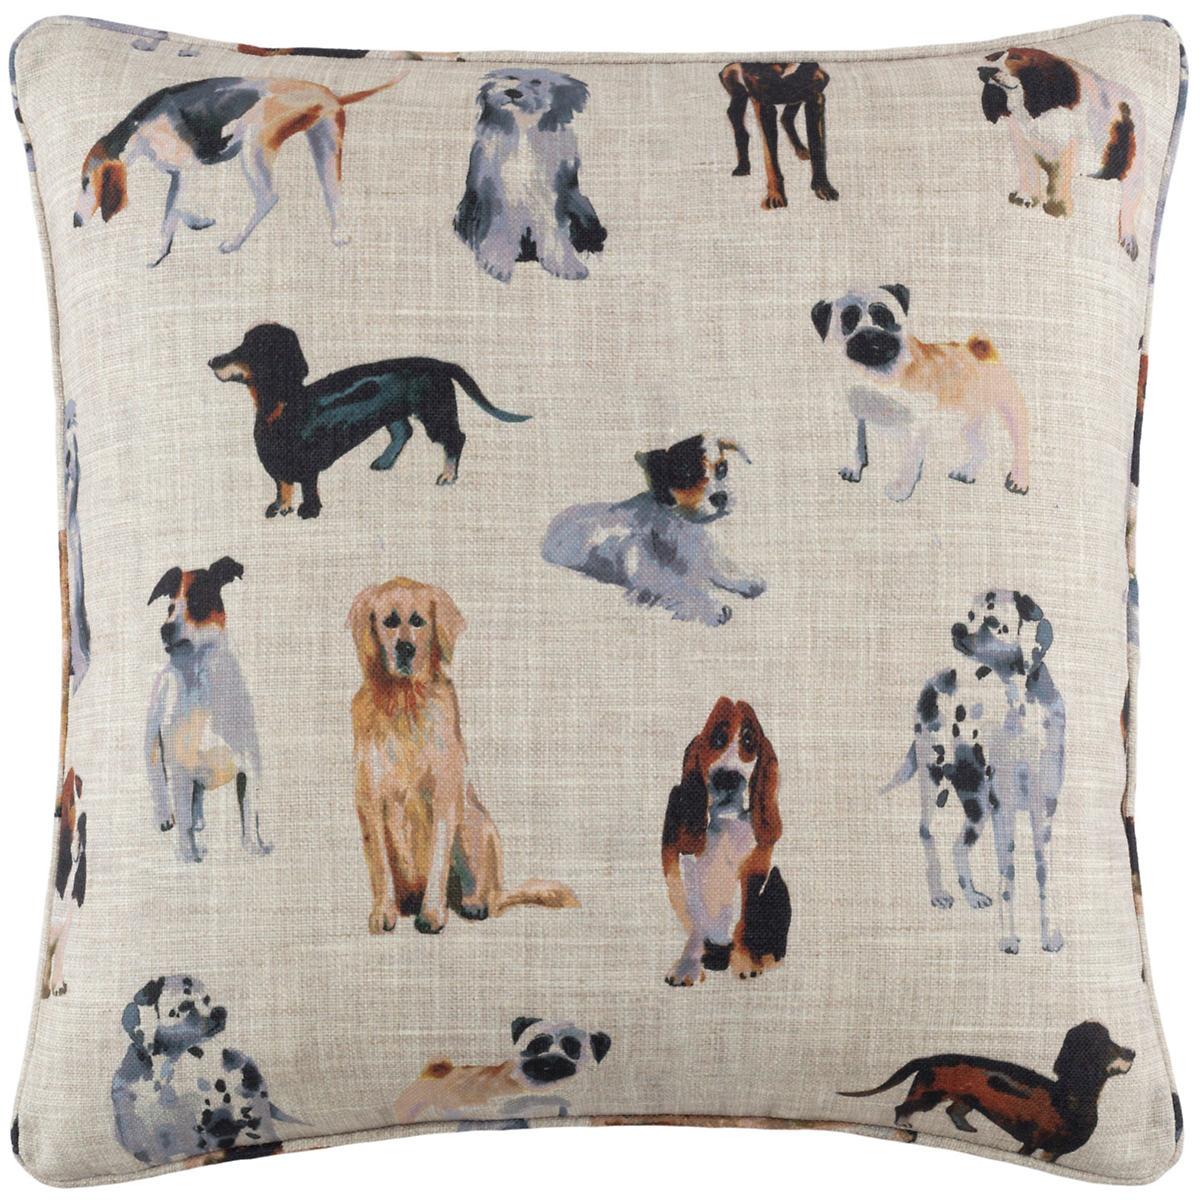 Woof Indoor/Outdoor Decorative Pillow